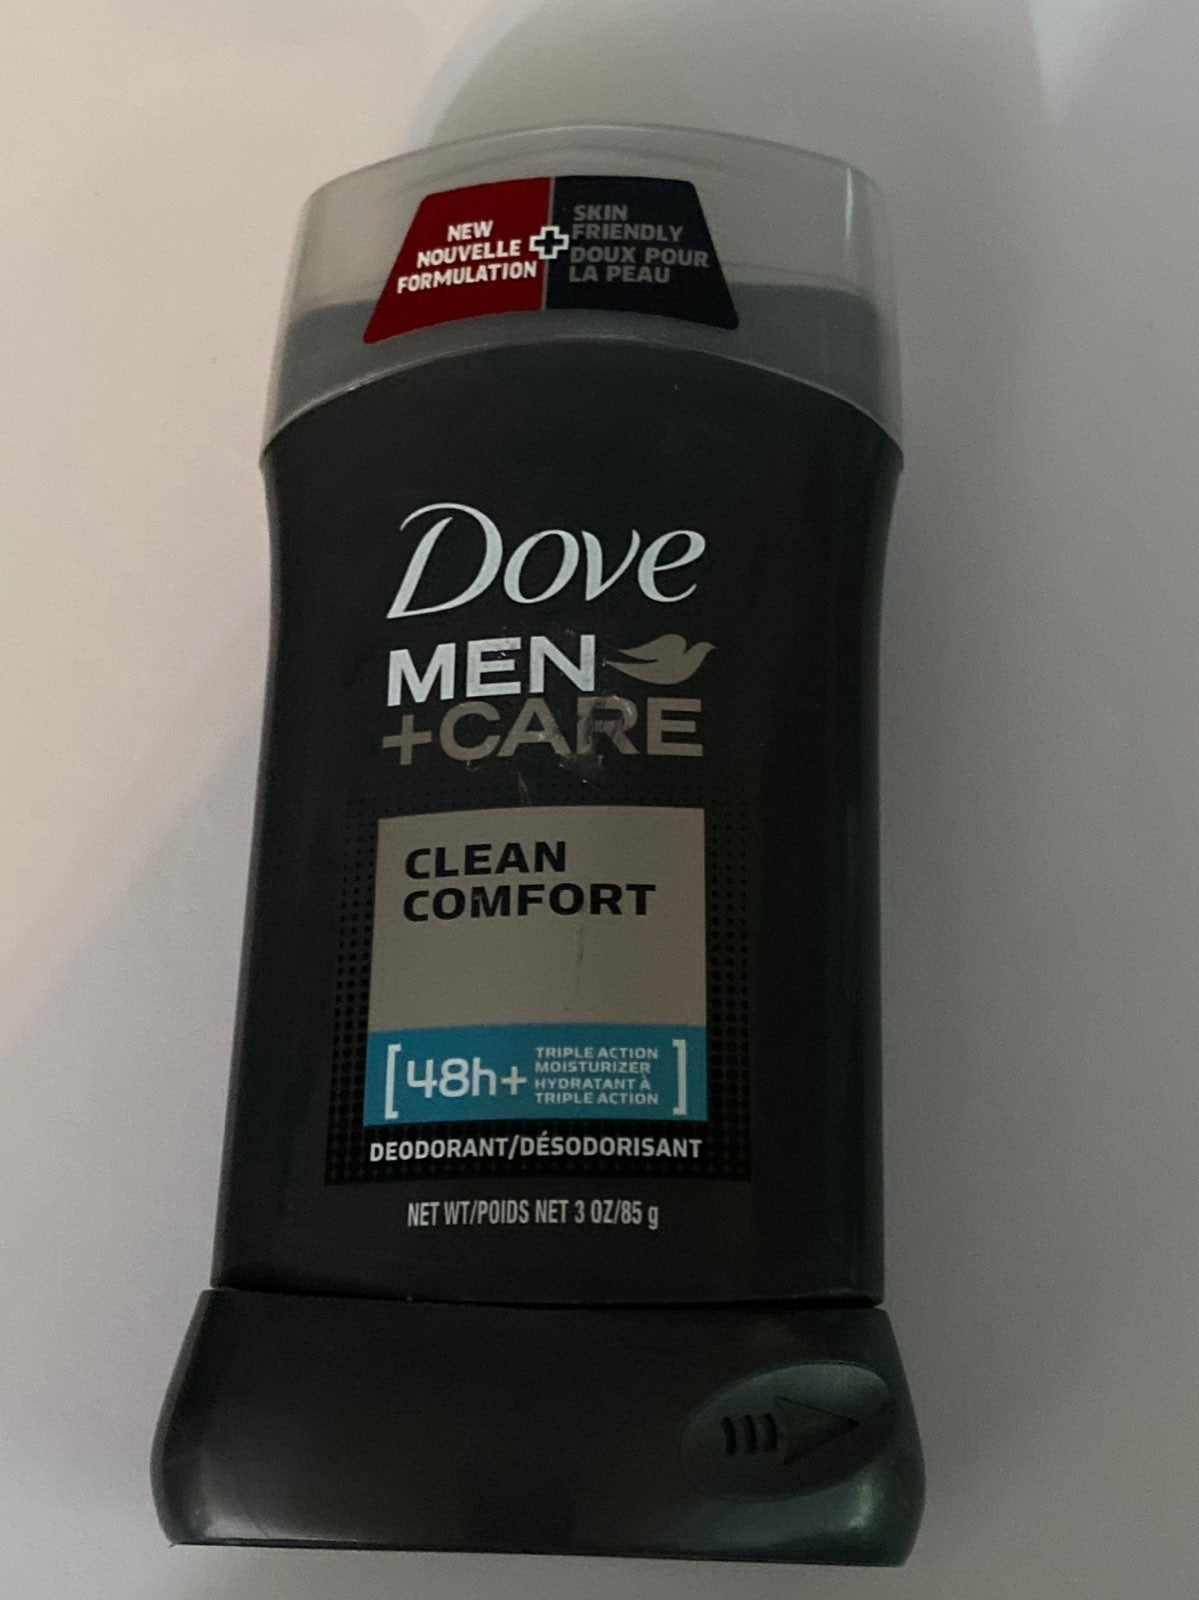 Dove Men + Care Deodorant clean comfort